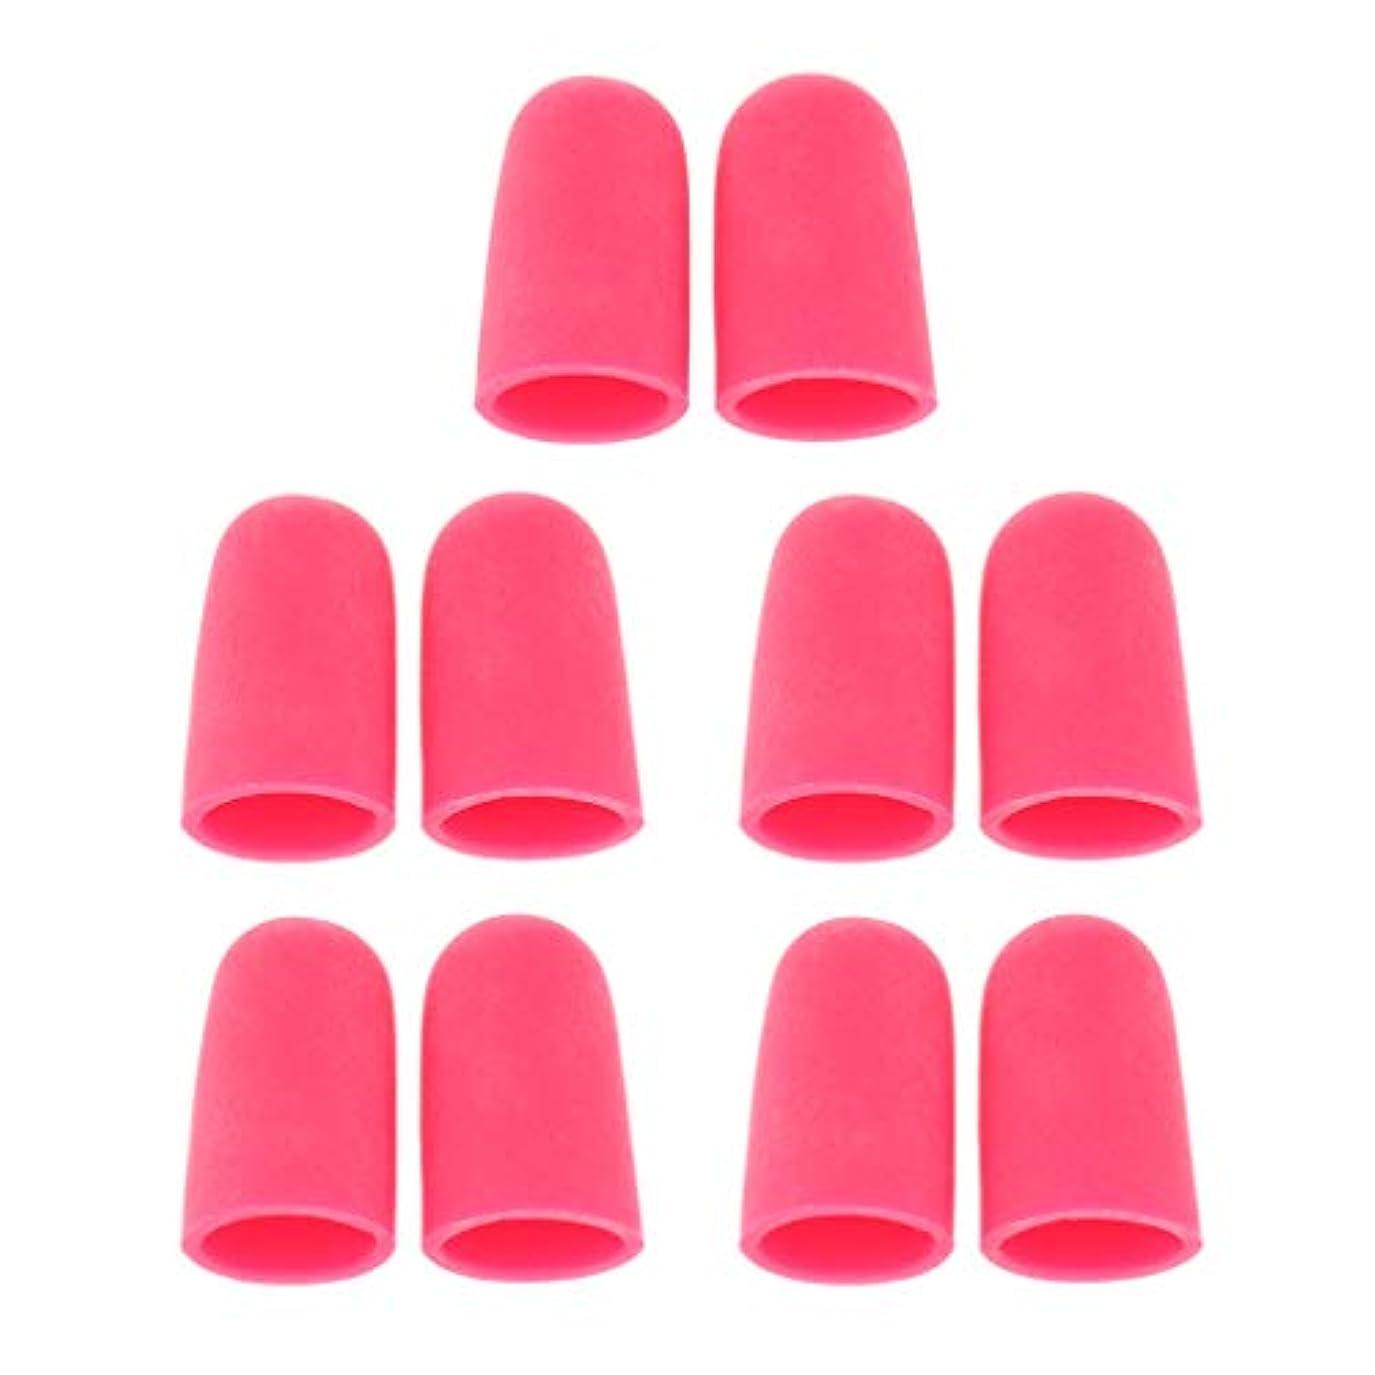 製造業感謝傾くFLAMEER 5ペア つま先キャップ 足指保護キャップ ジェルトゥキャップ フットケア 柔軟 男女兼用 全2サイズ - S